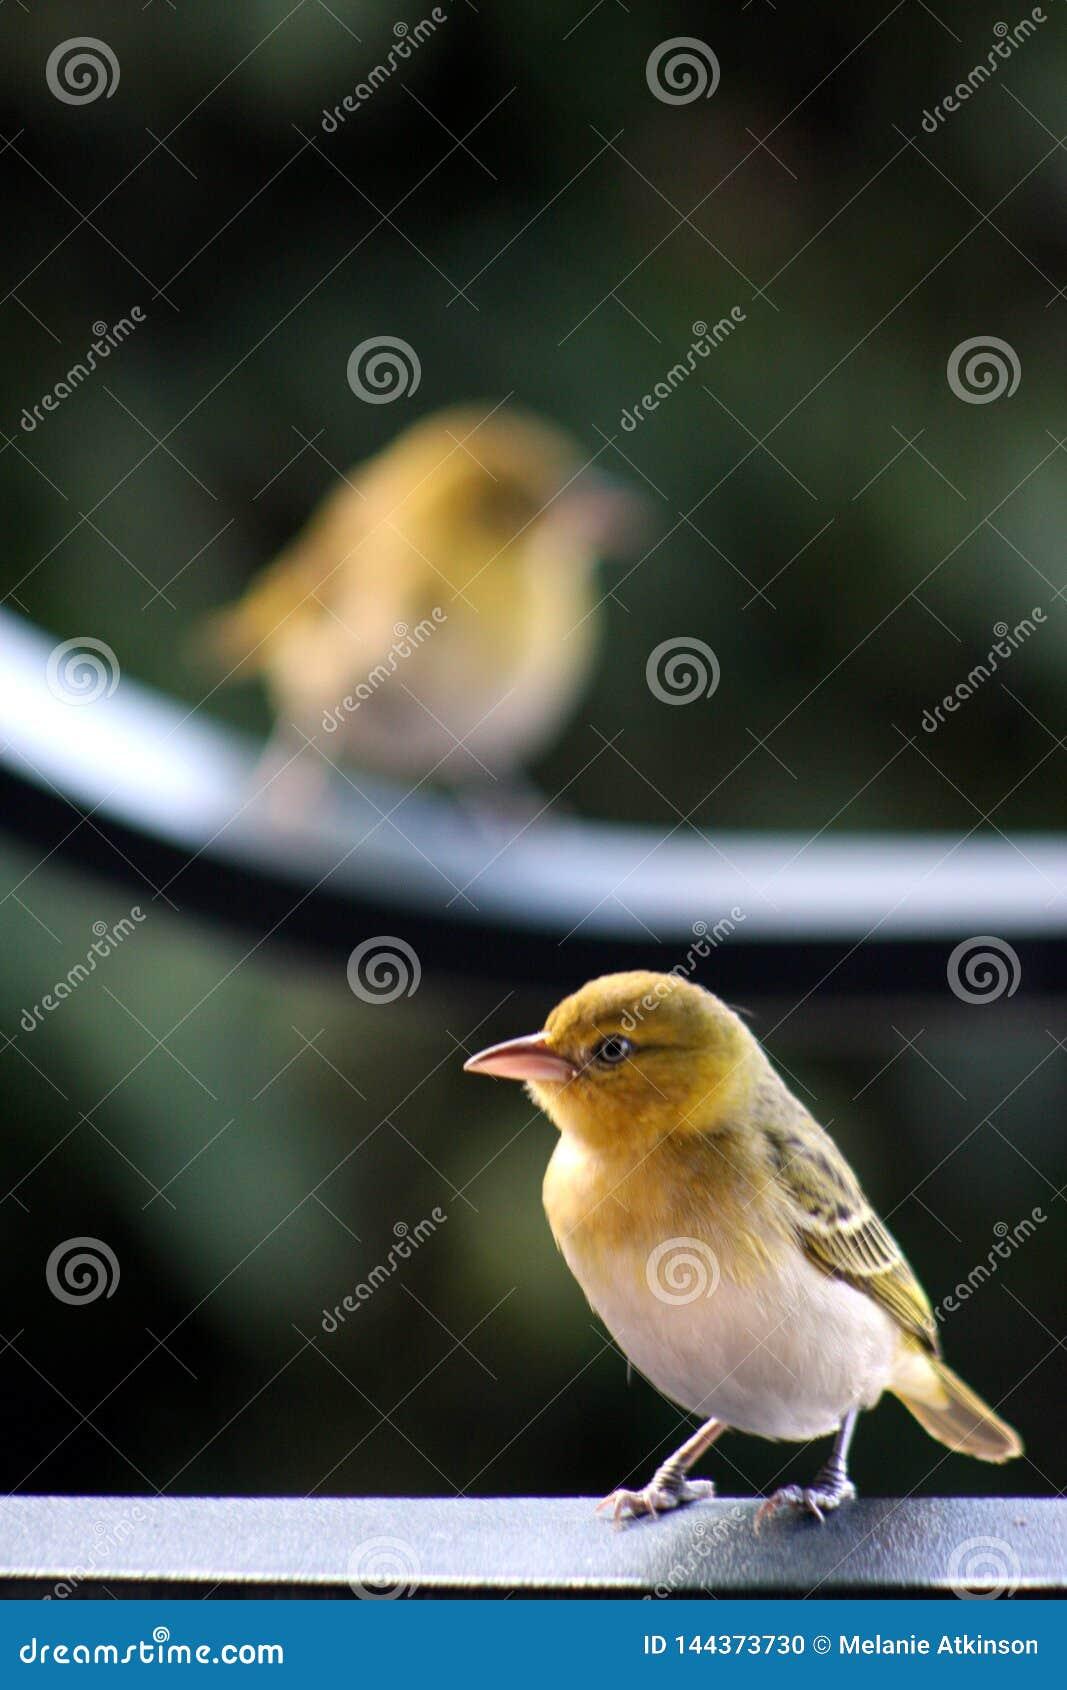 Robin streek op een spoor met tweede vogel vaag op achtergrond neer